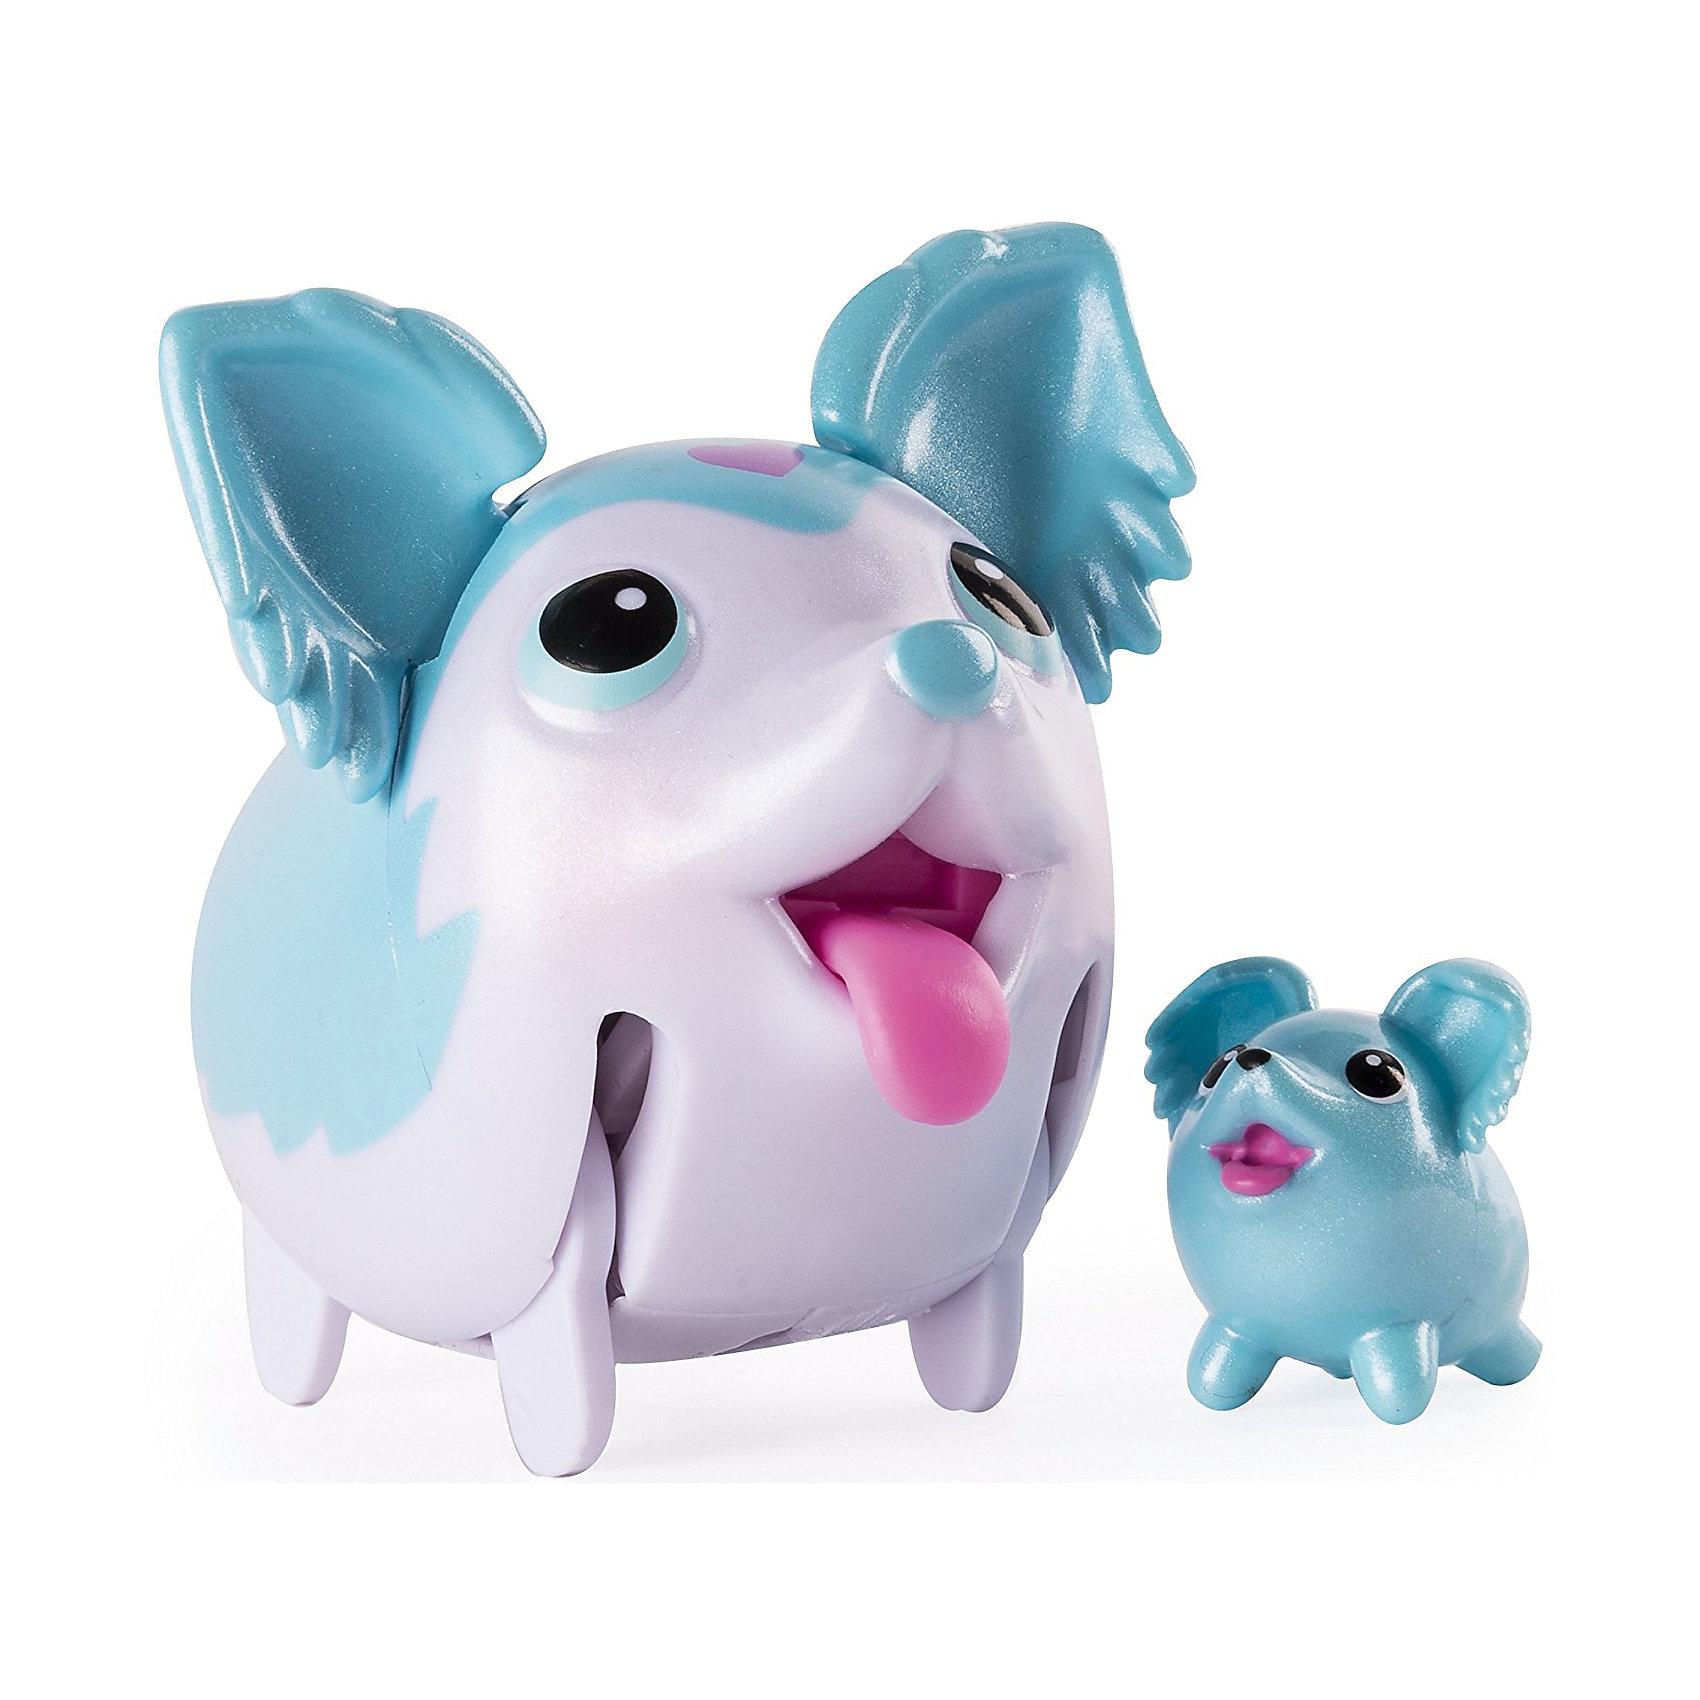 Коллекционная фигурка Той-спаниель, небесно-голубой, Chubby PuppiesКоллекционные и игровые фигурки<br>Характеристики товара:<br><br>• возраст: от 4 лет;<br>• материал: пластик;<br>• в комплекте: 2 фигурки;<br>• тип батареек: 1 батарейка ААА;<br>• наличие батареек: в комплекте;<br>• размер упаковки: 15х11х8 см;<br>• вес упаковки: 200 гр.;<br>• страна производитель: Китай.<br><br>Коллекционная фигурка «Той-спаниель» Chubby Puppies — забавный питомец, который умеет ходить вразвалку и прыгать. Во время ходьбы он двигает ножками, шевелит ушками и показывает язычок. В комплекте вторая фигурка, которая представляет собой мини-копию собачки. Игрушка выполнена из качественного прочного пластика.<br><br>Коллекционную фигурку «Той-спаниель» Chubby Puppies<br><br>Ширина мм: 80<br>Глубина мм: 110<br>Высота мм: 150<br>Вес г: 195<br>Возраст от месяцев: 36<br>Возраст до месяцев: 2147483647<br>Пол: Унисекс<br>Возраст: Детский<br>SKU: 6835379